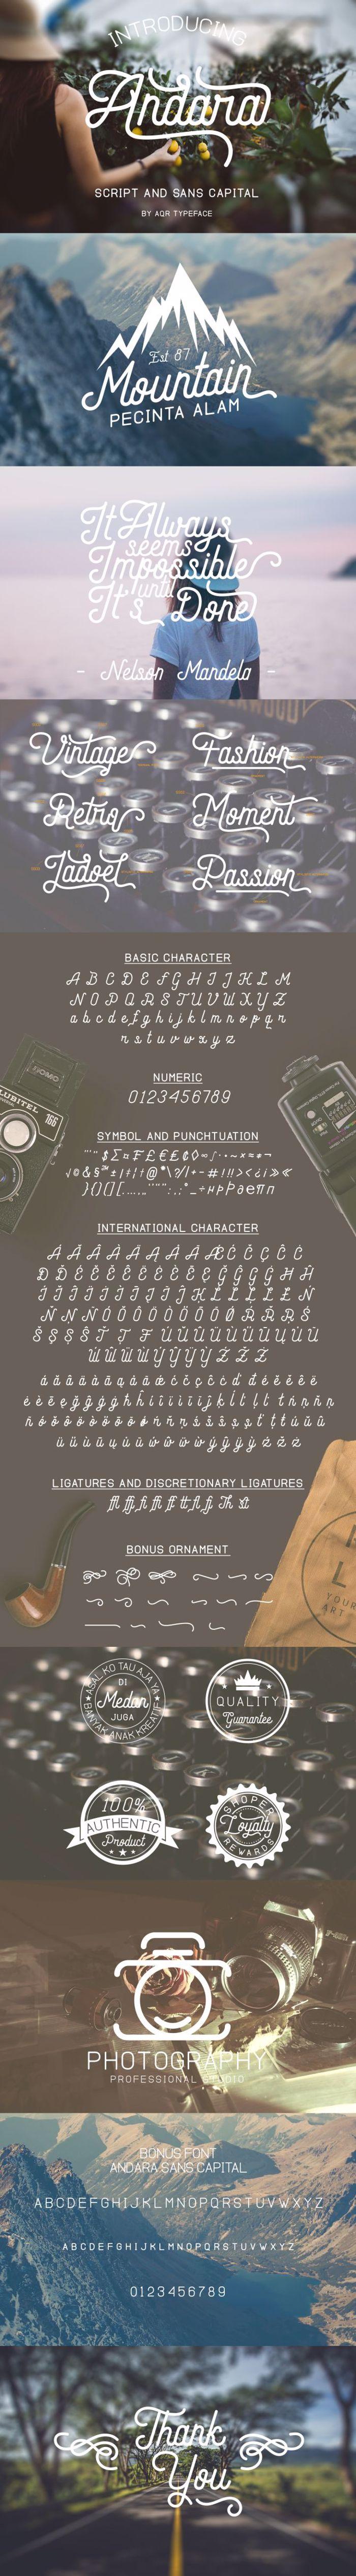 Andara Script Font poster